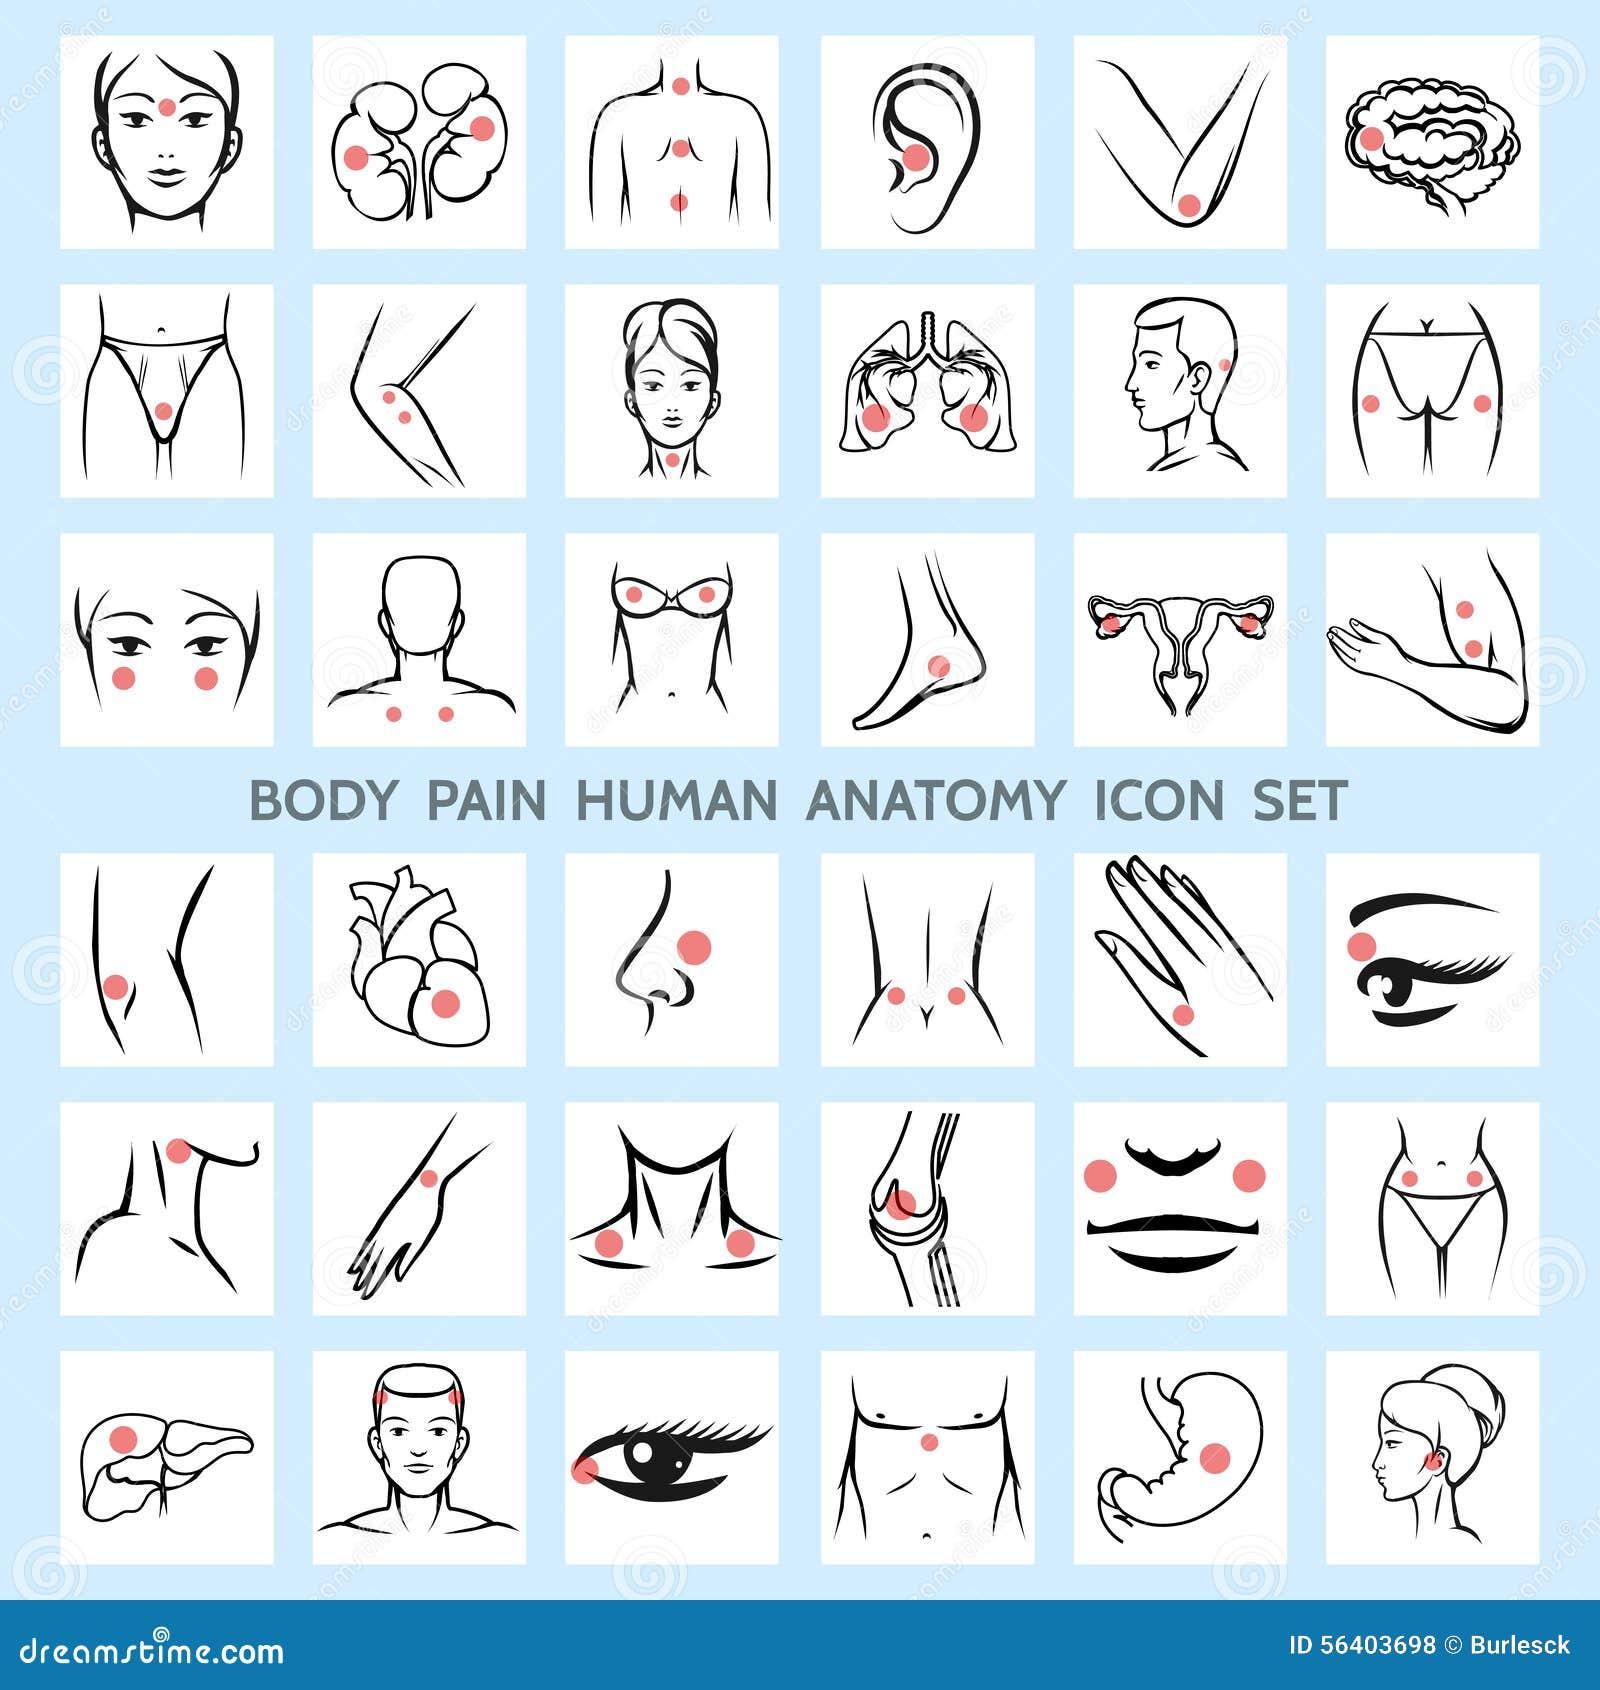 Iconos Humanos De La Anatomía Del Dolor De Cuerpo Ilustración del ...